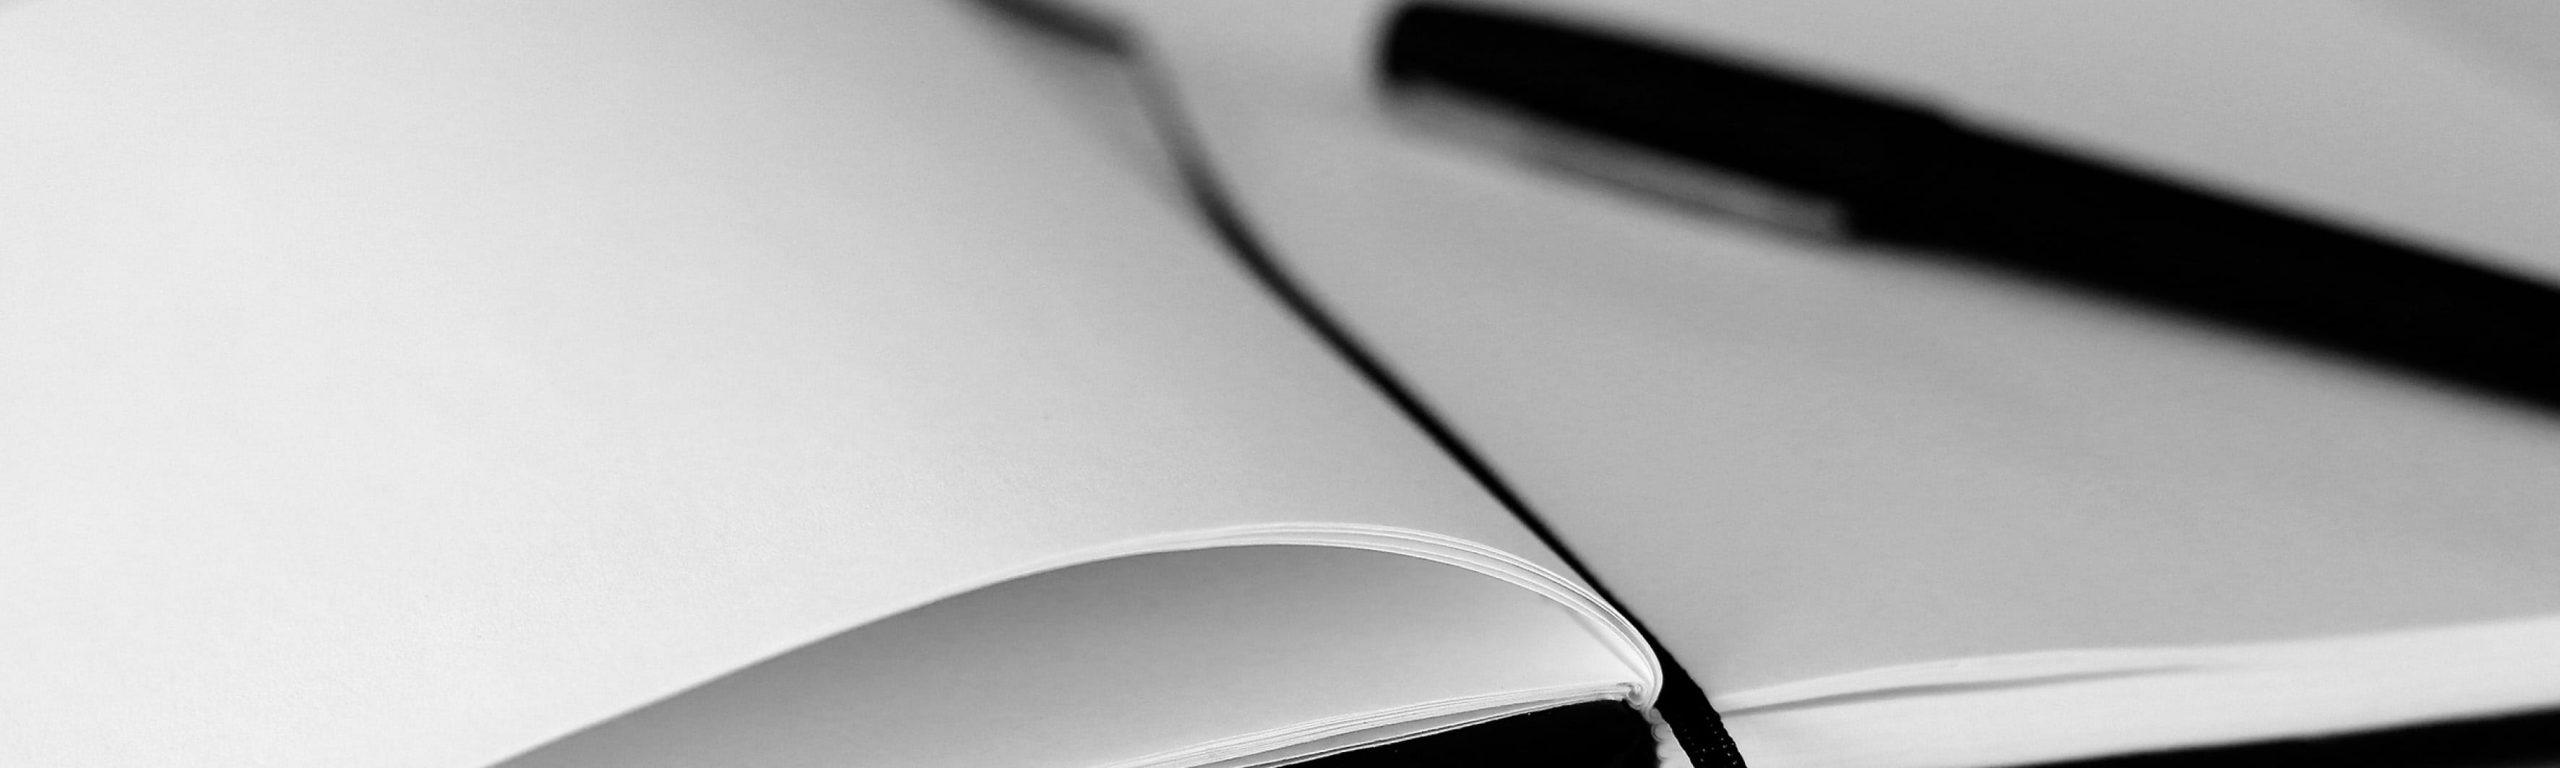 66 motivierende und mitreißende Zitate über Worte und Schreiben